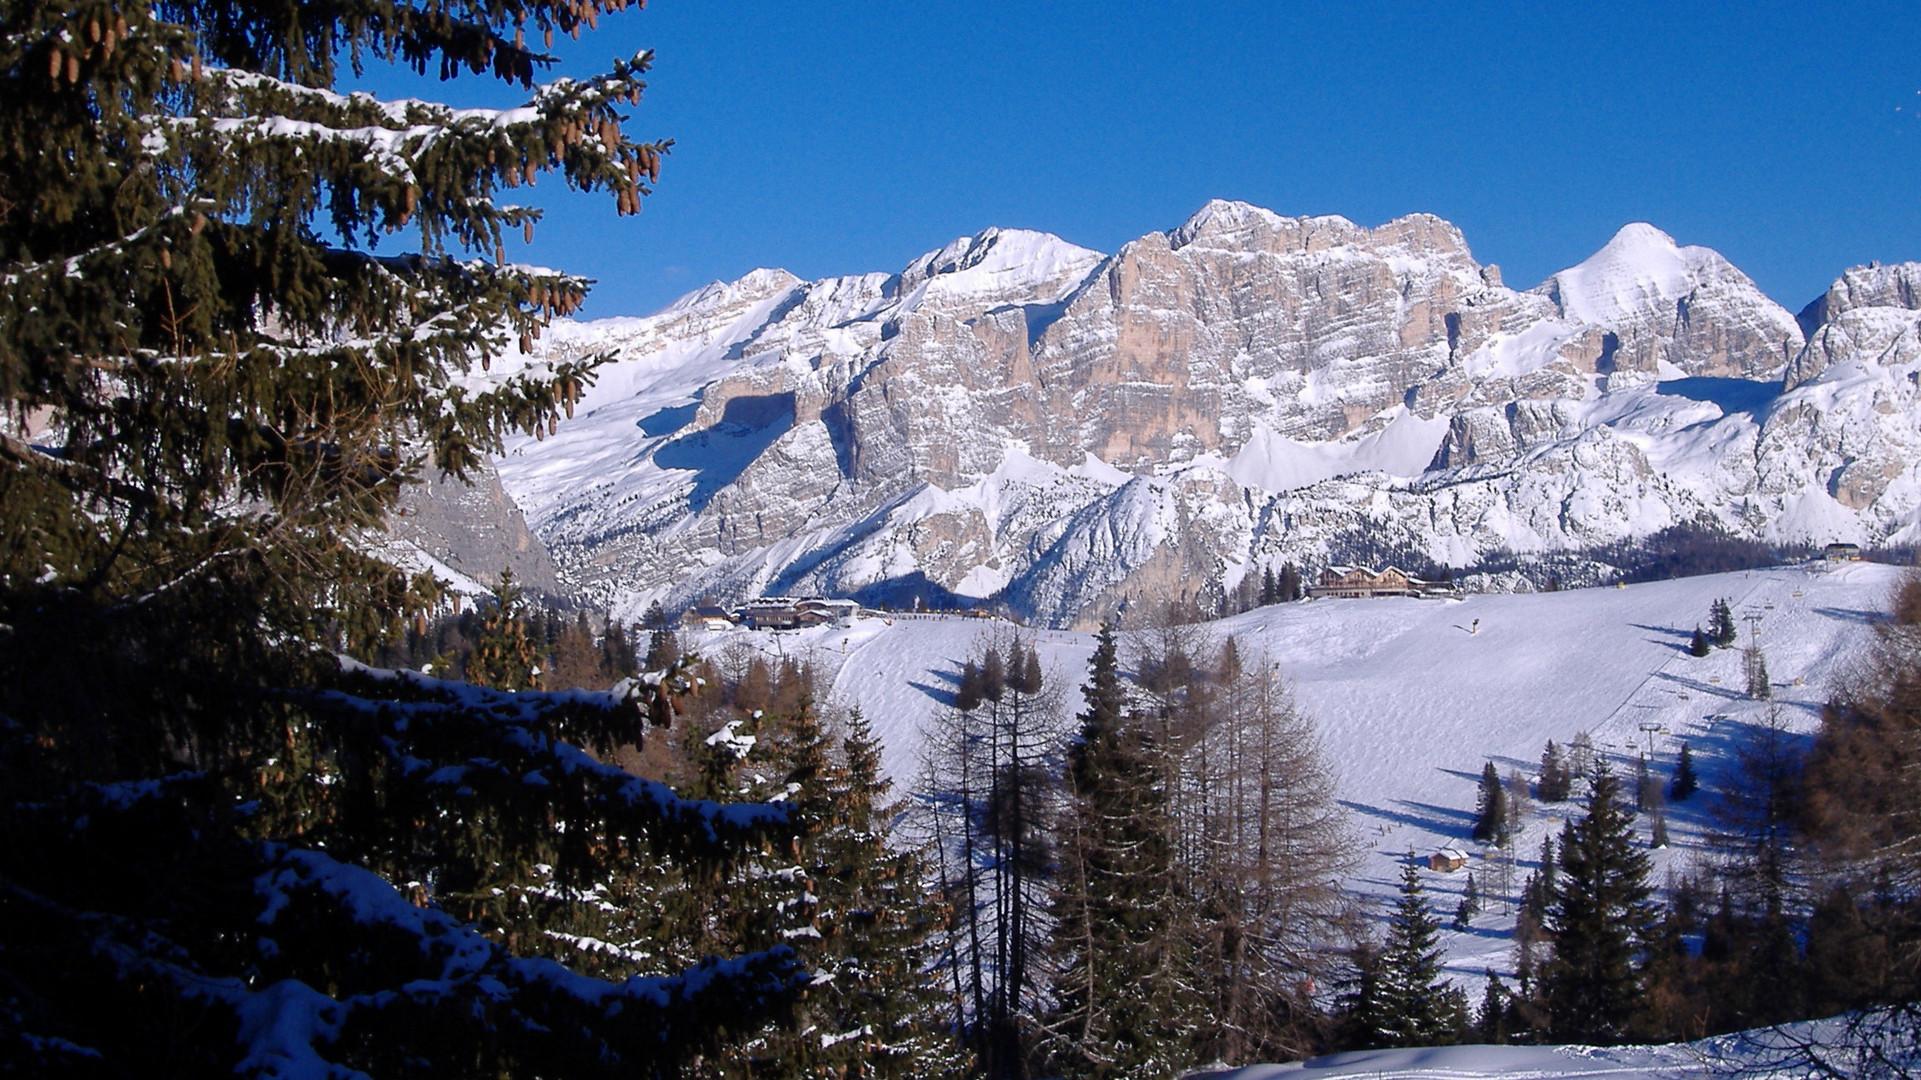 Nach dem Skitag noch mal die Aussicht genießen